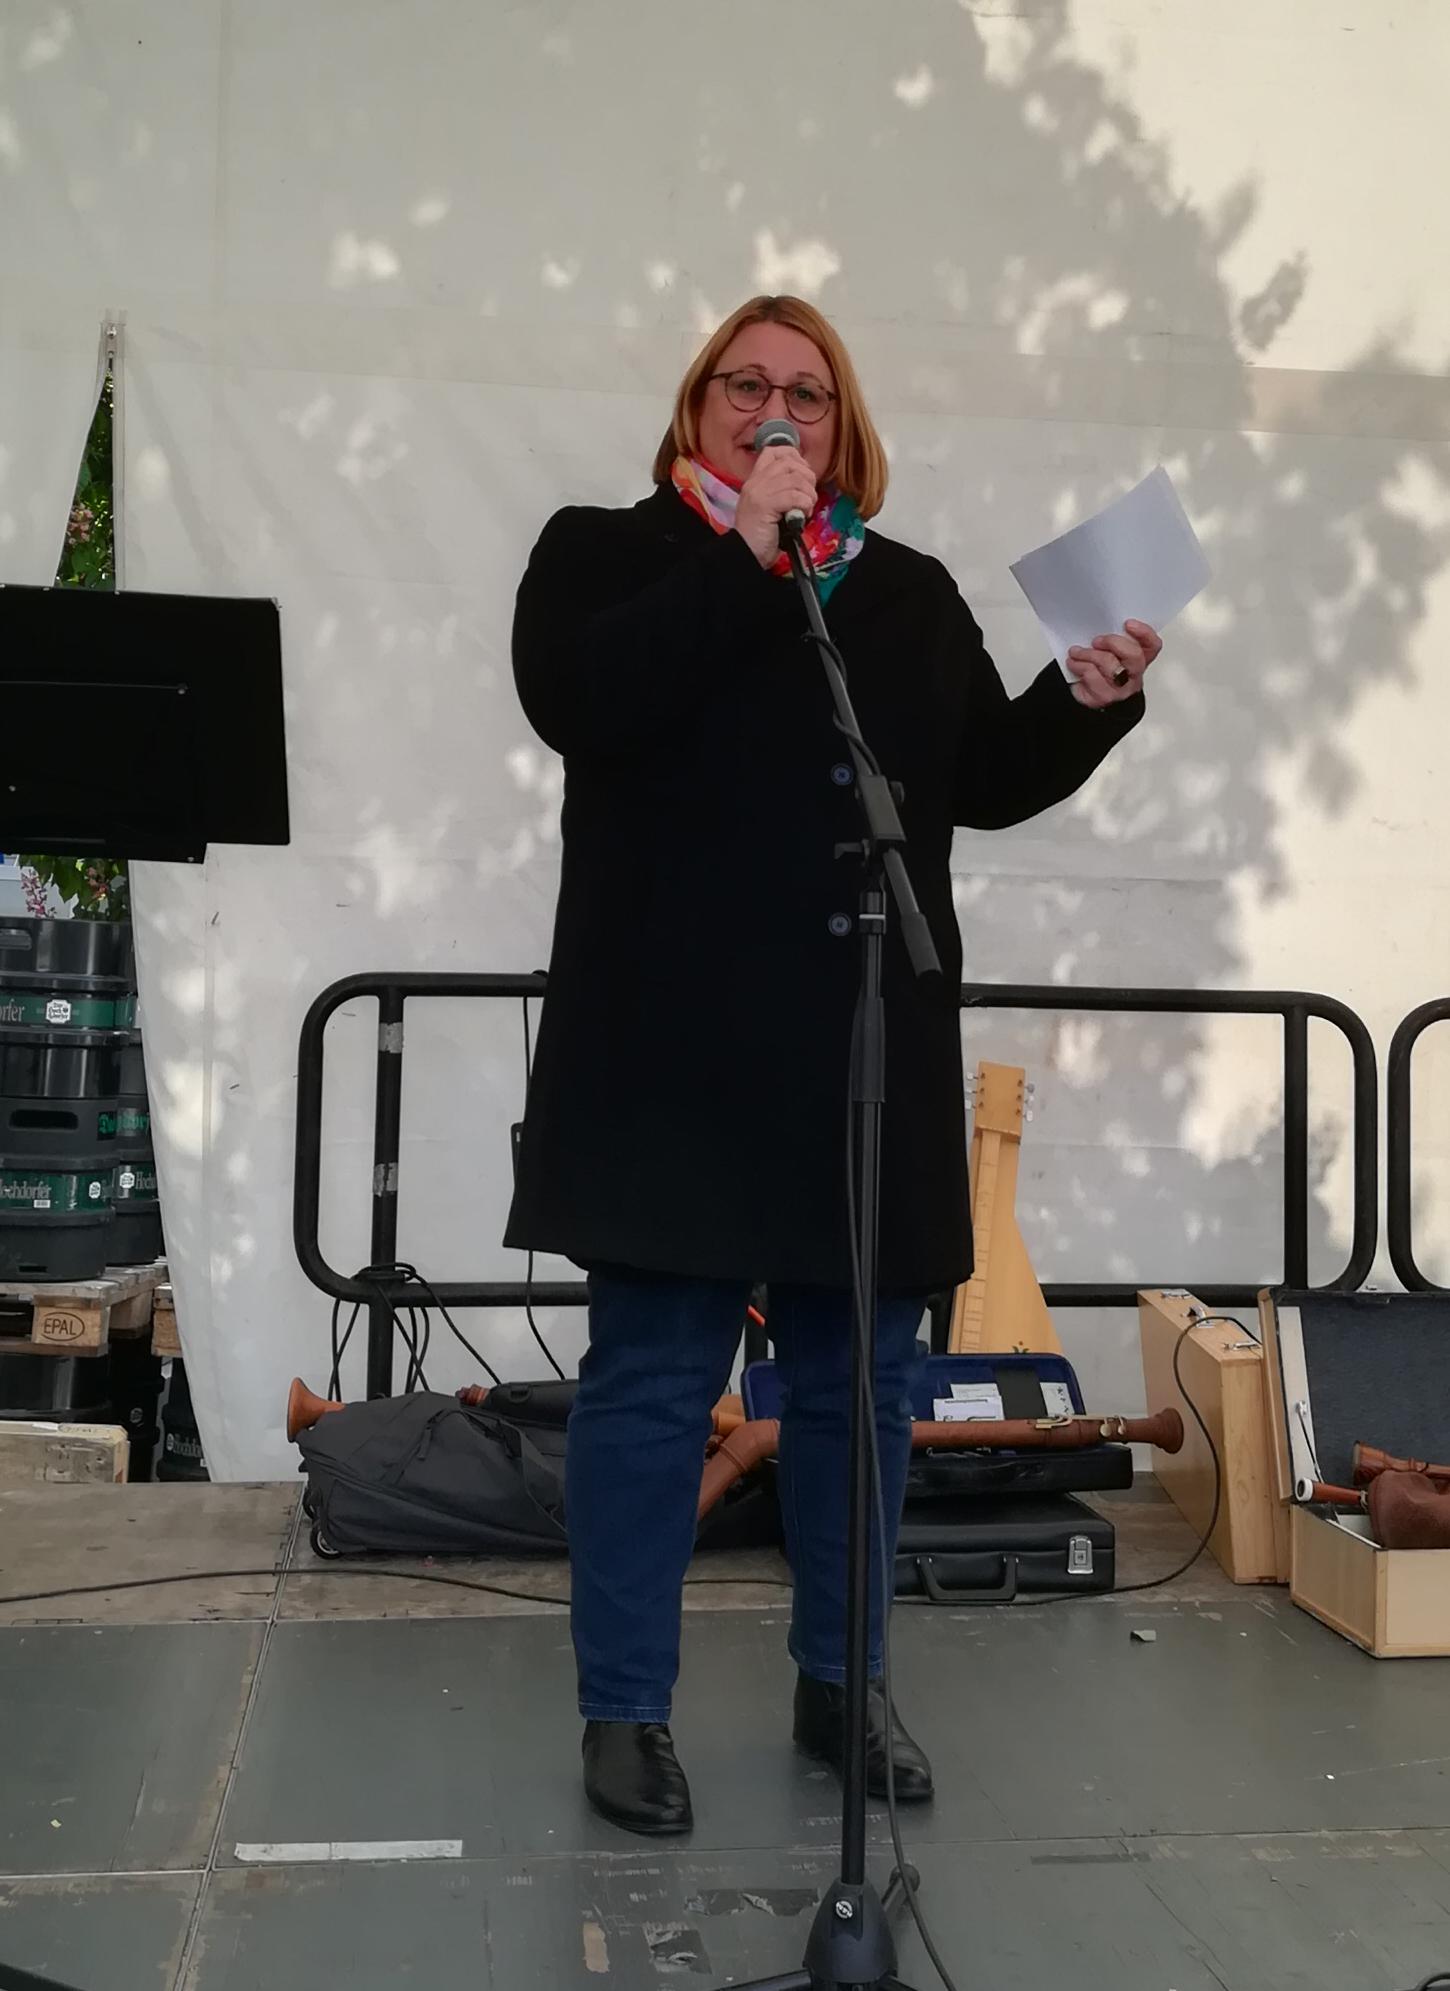 Blonde Frau mit Brille und Mantel am Mikrofon